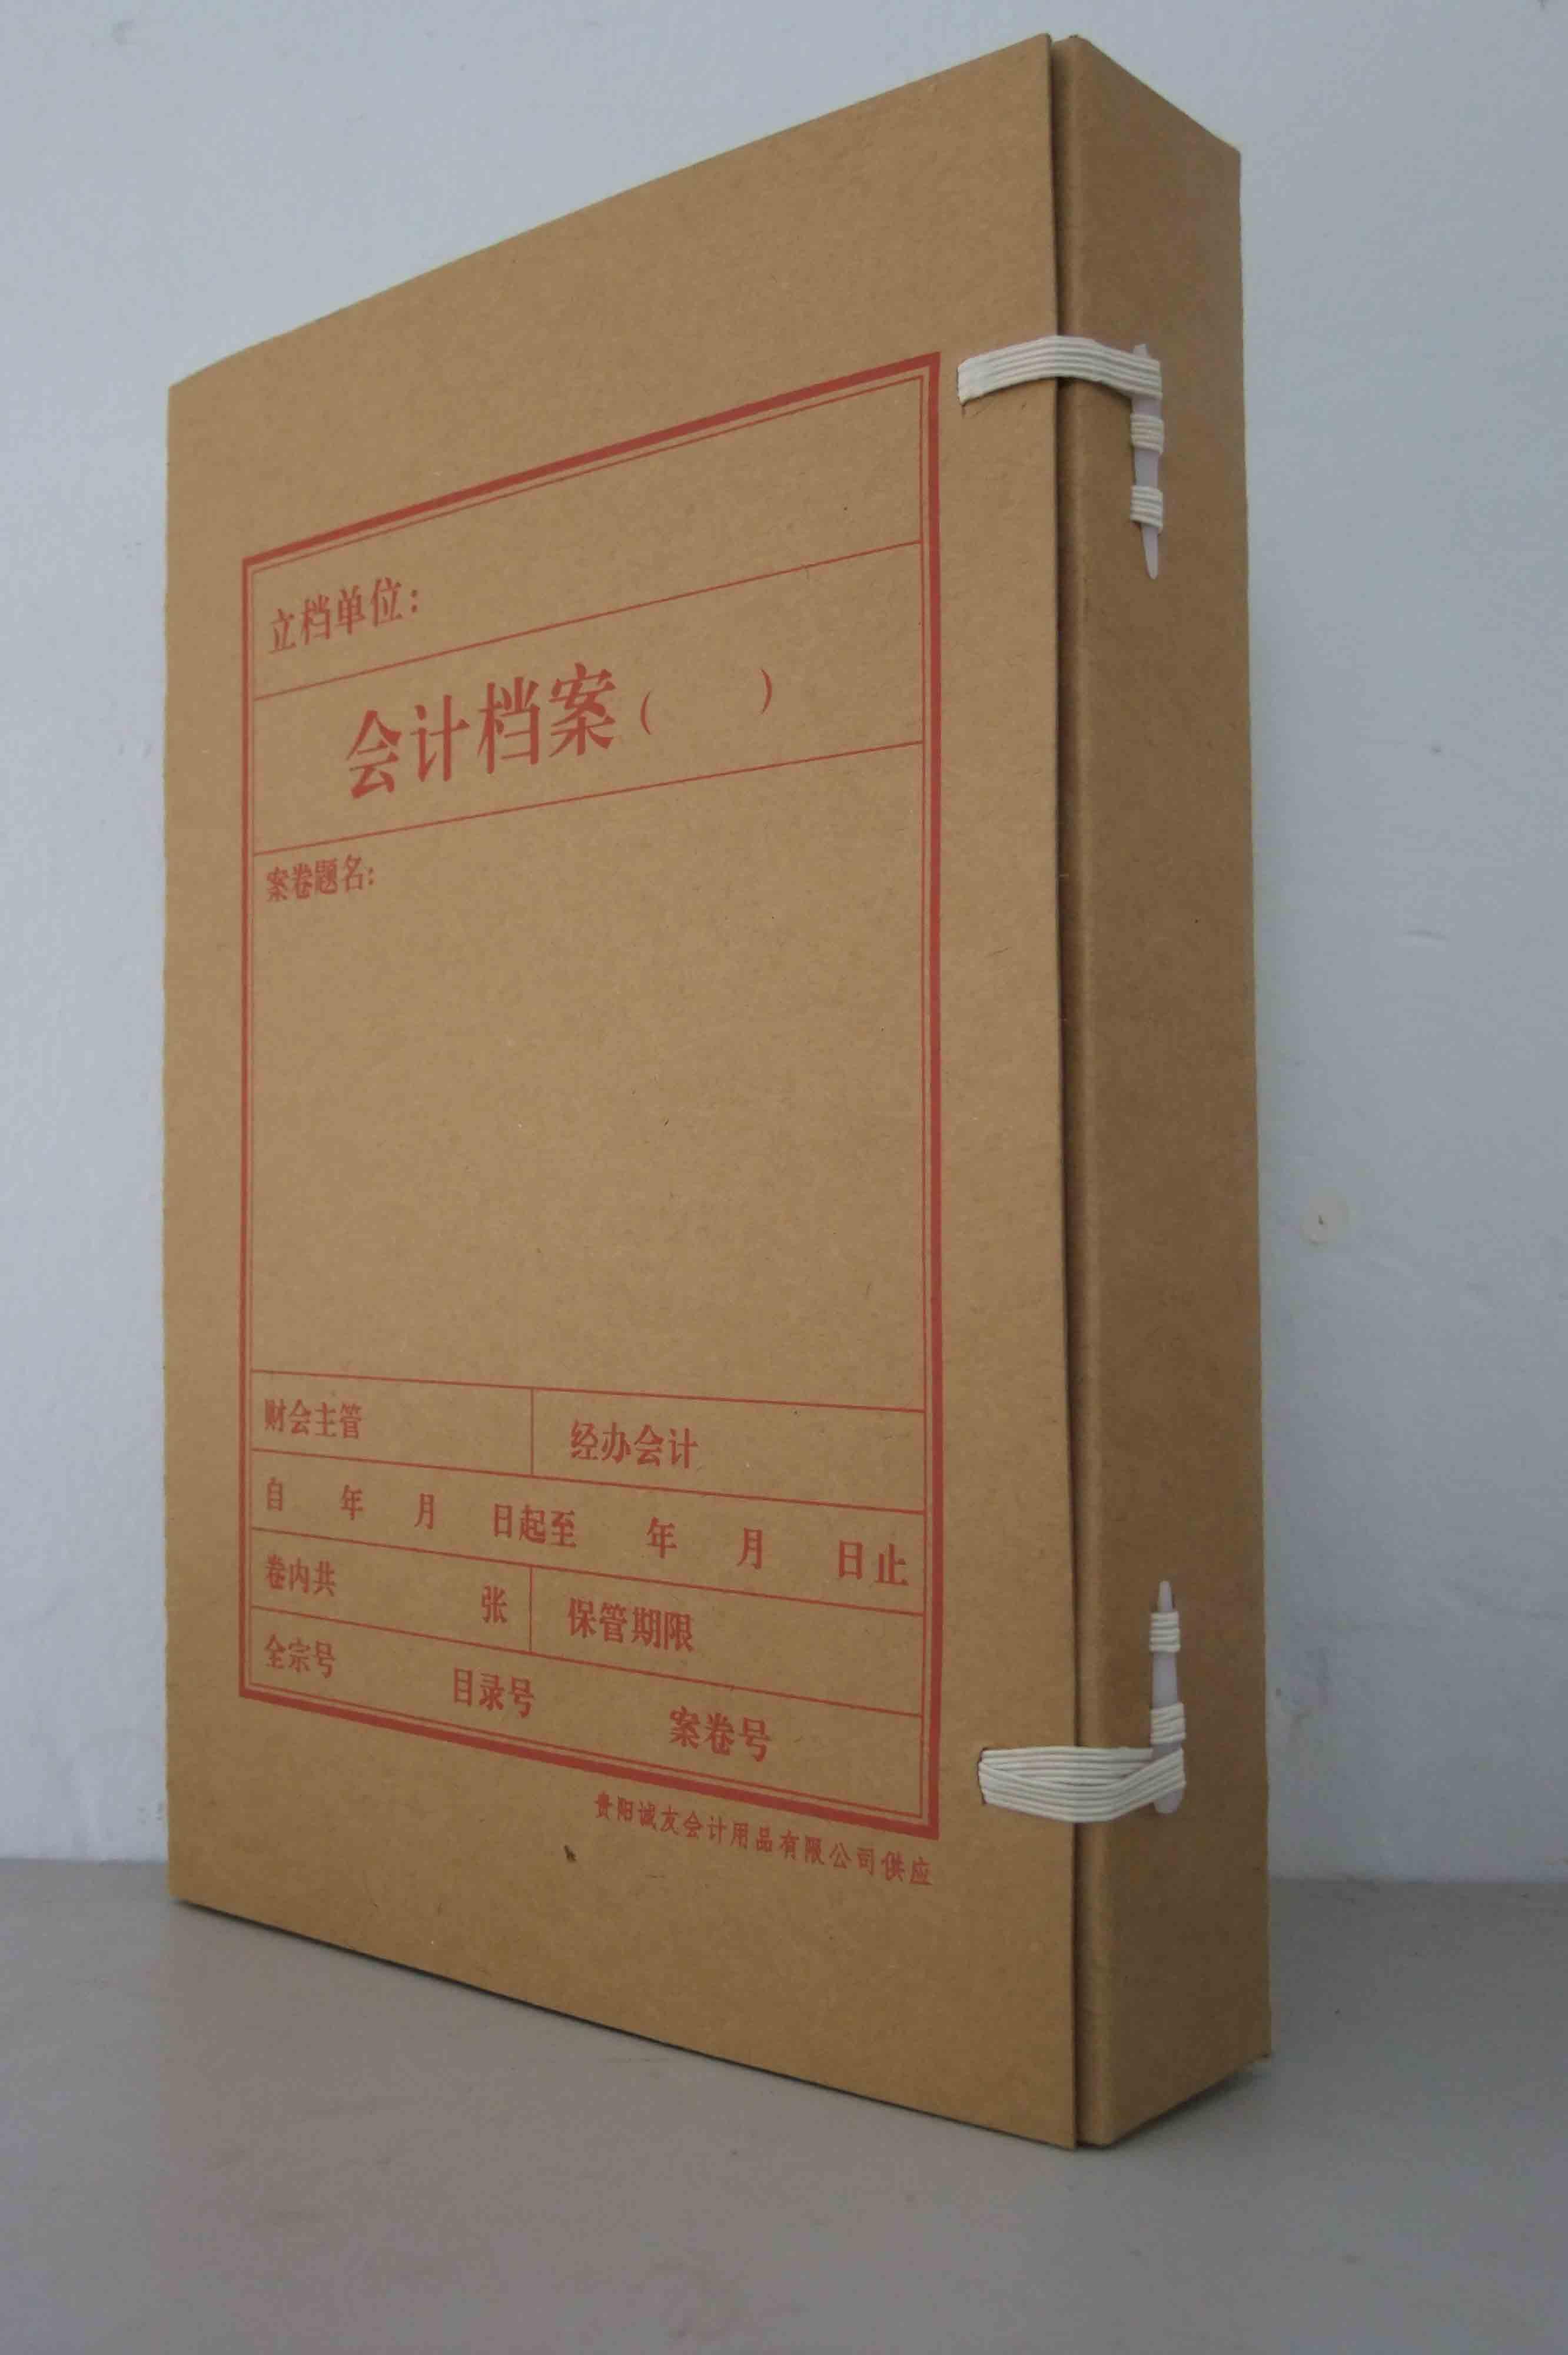 檔案袋制作 檔案袋-濟南嘉豪彩色包裝有限公司